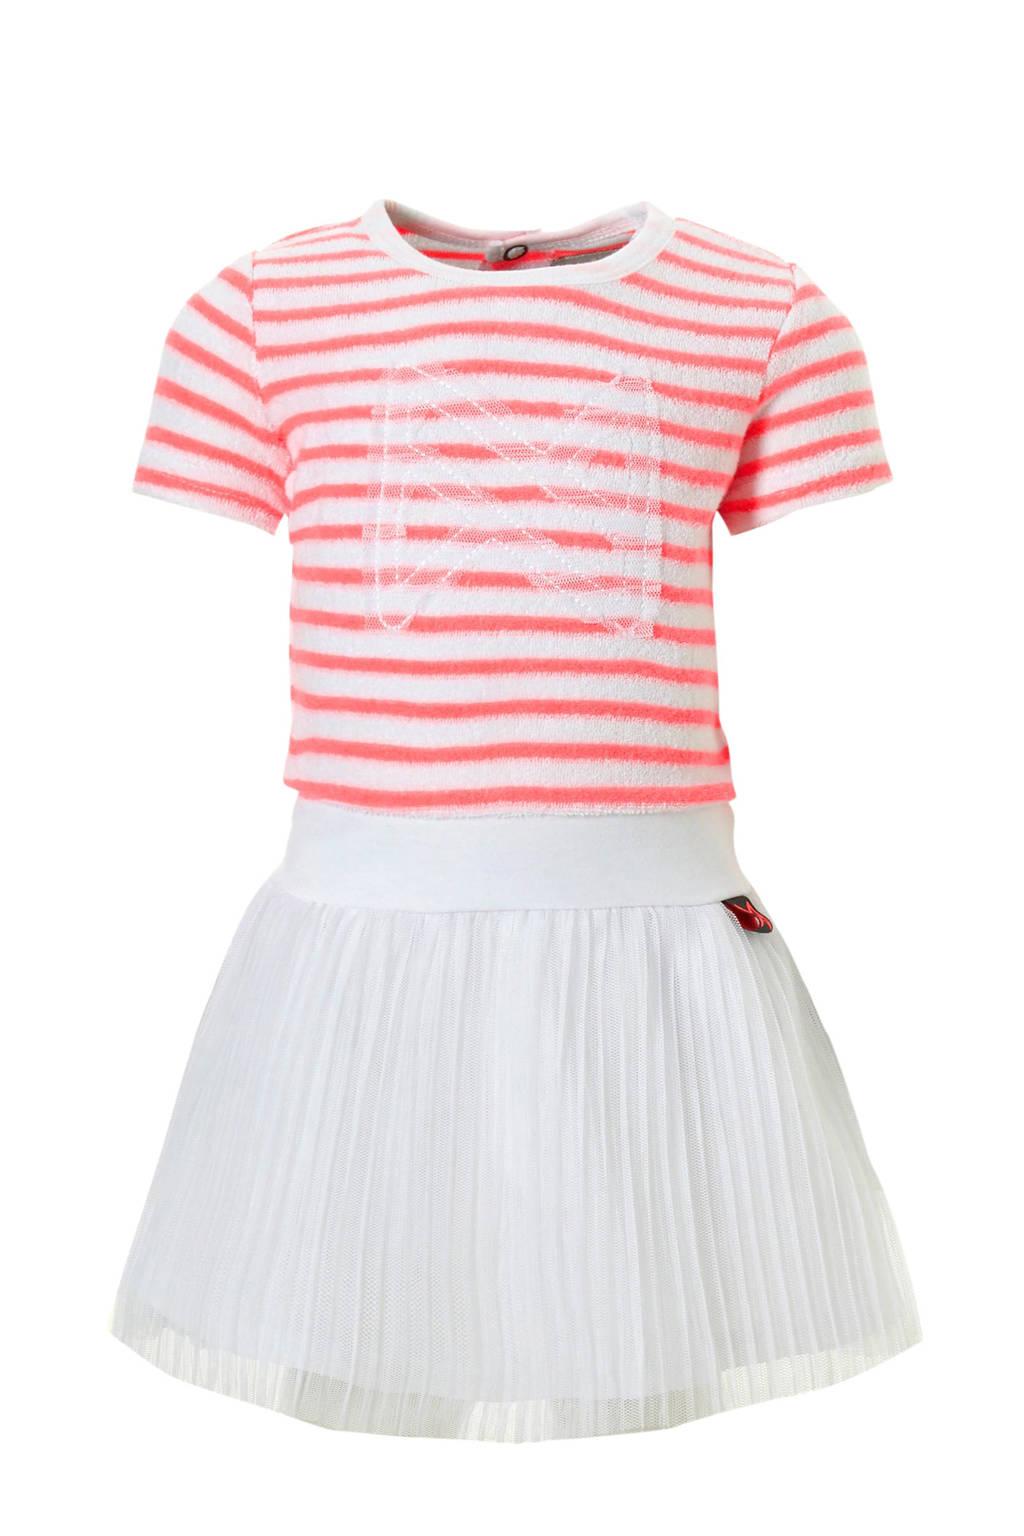 Koko Noko gestreepte jurk met plissé rok, Zalm/wit